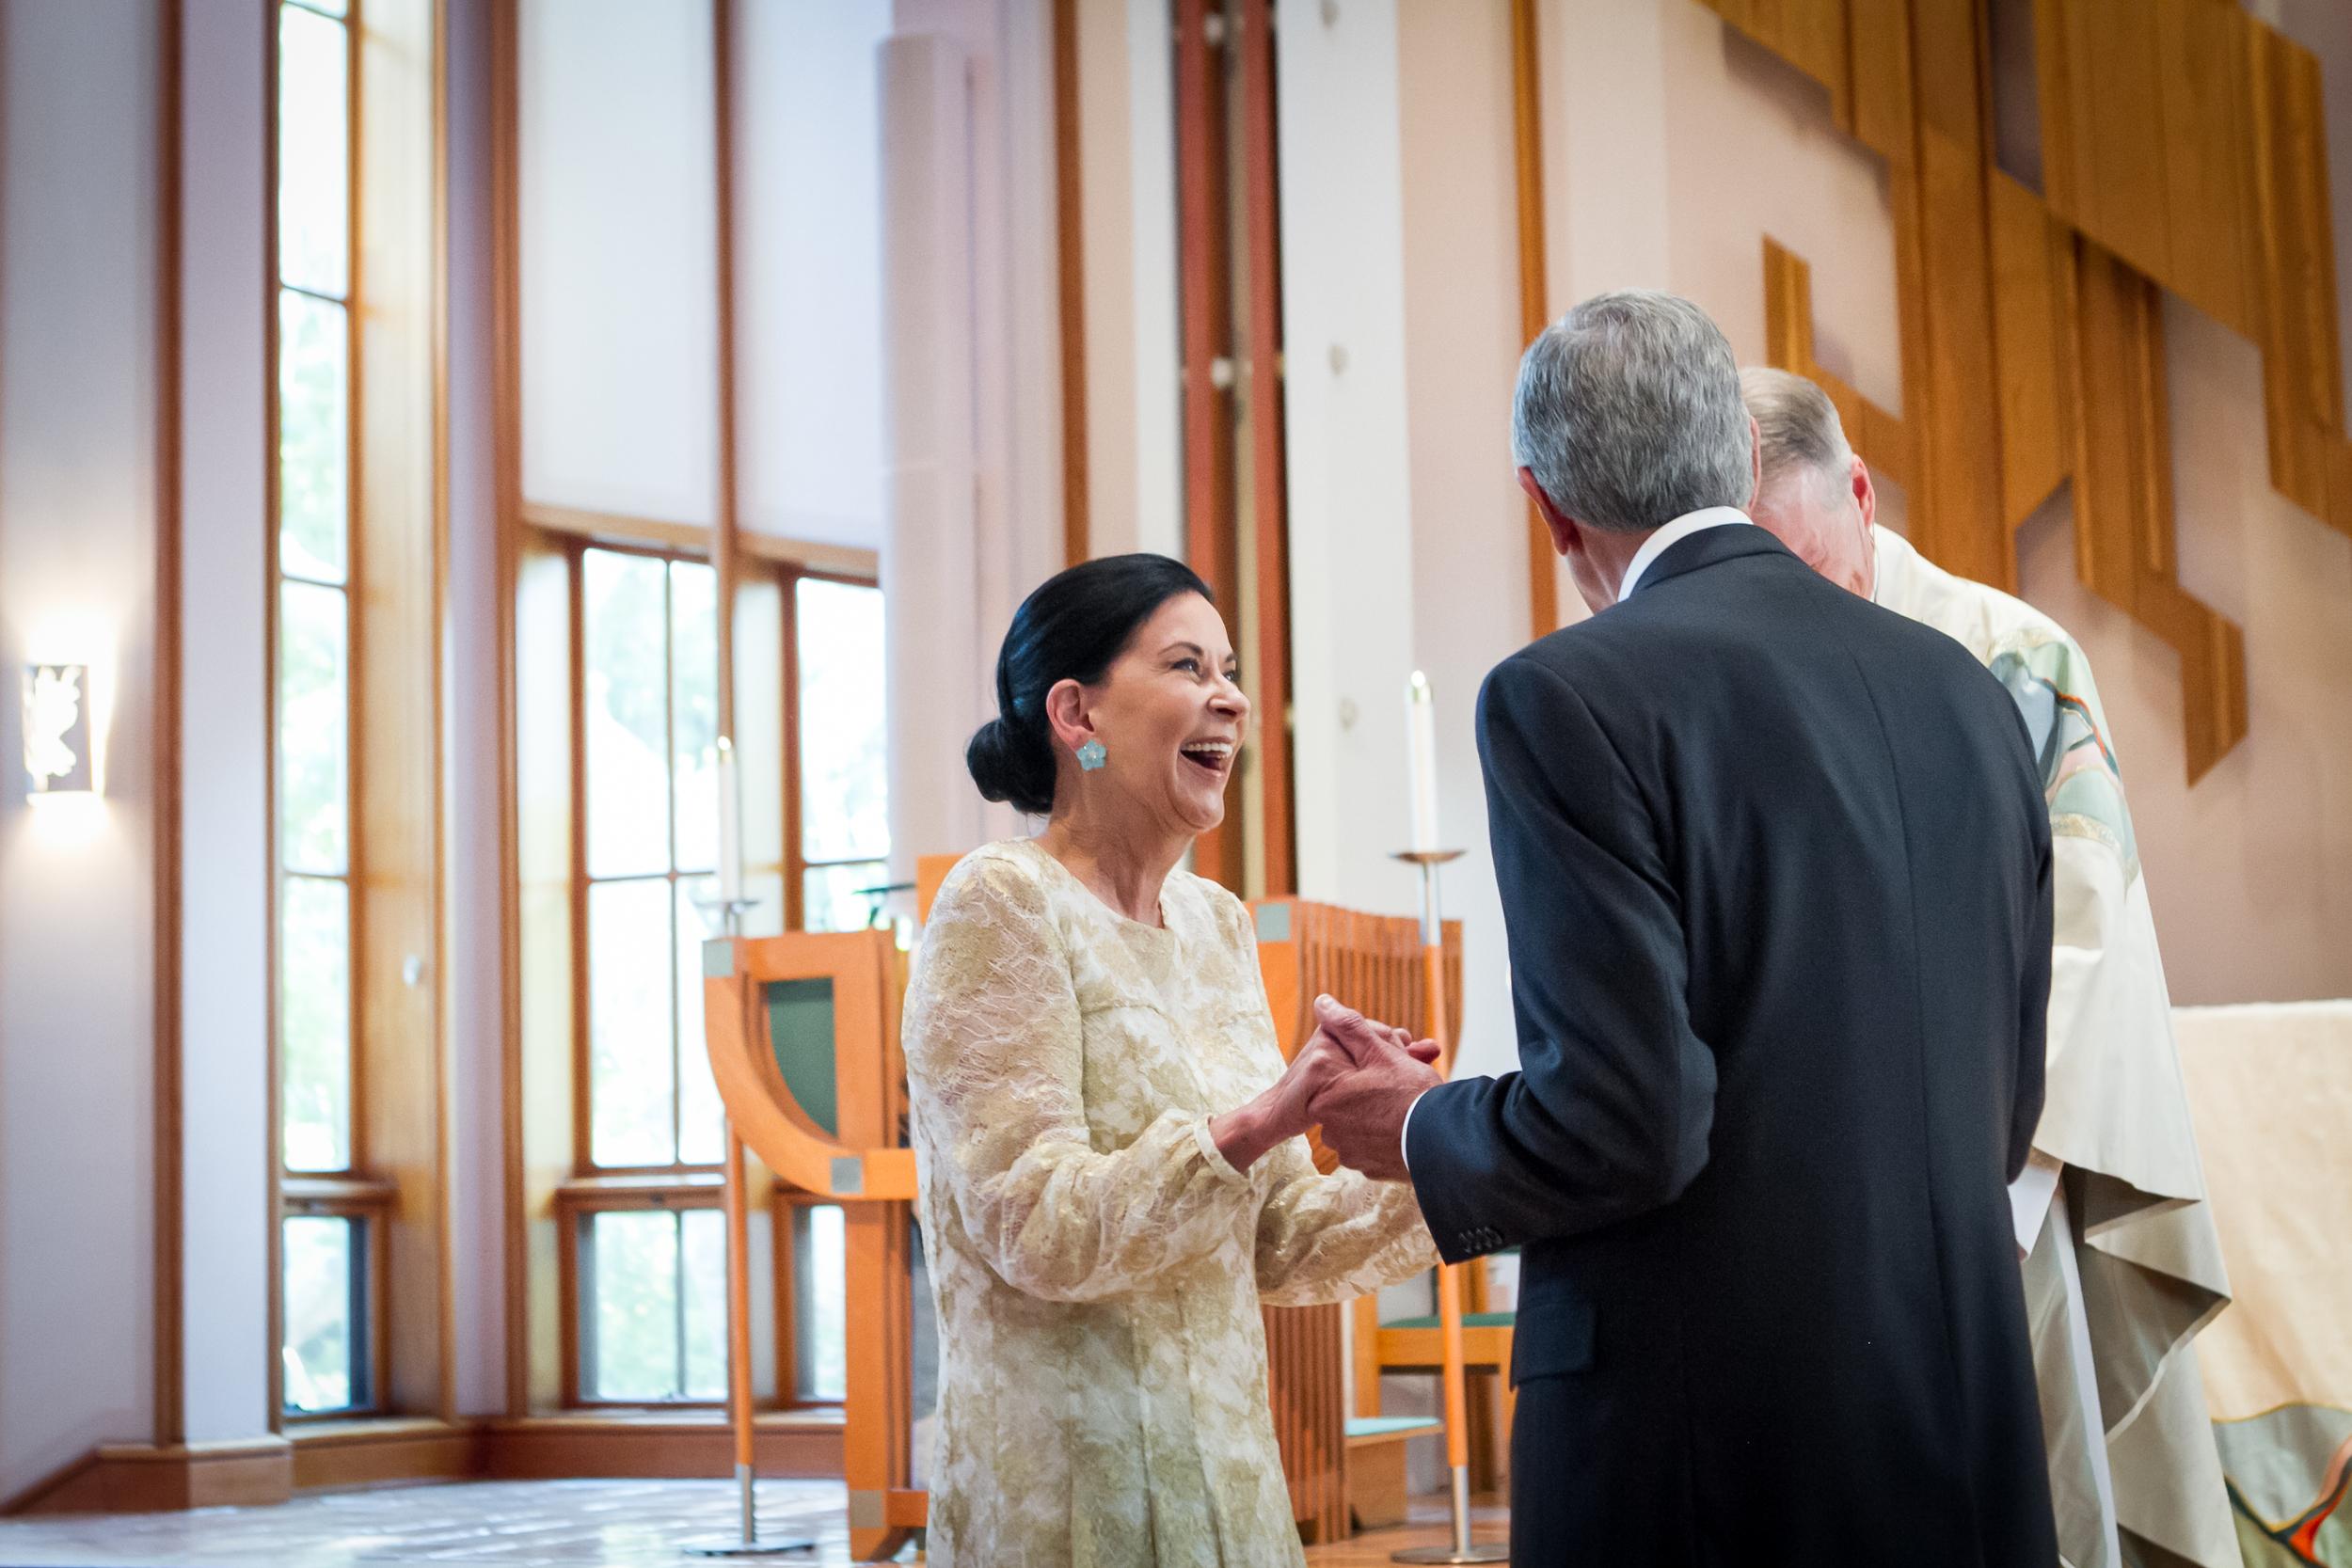 030 - bride & groom laughing.jpg